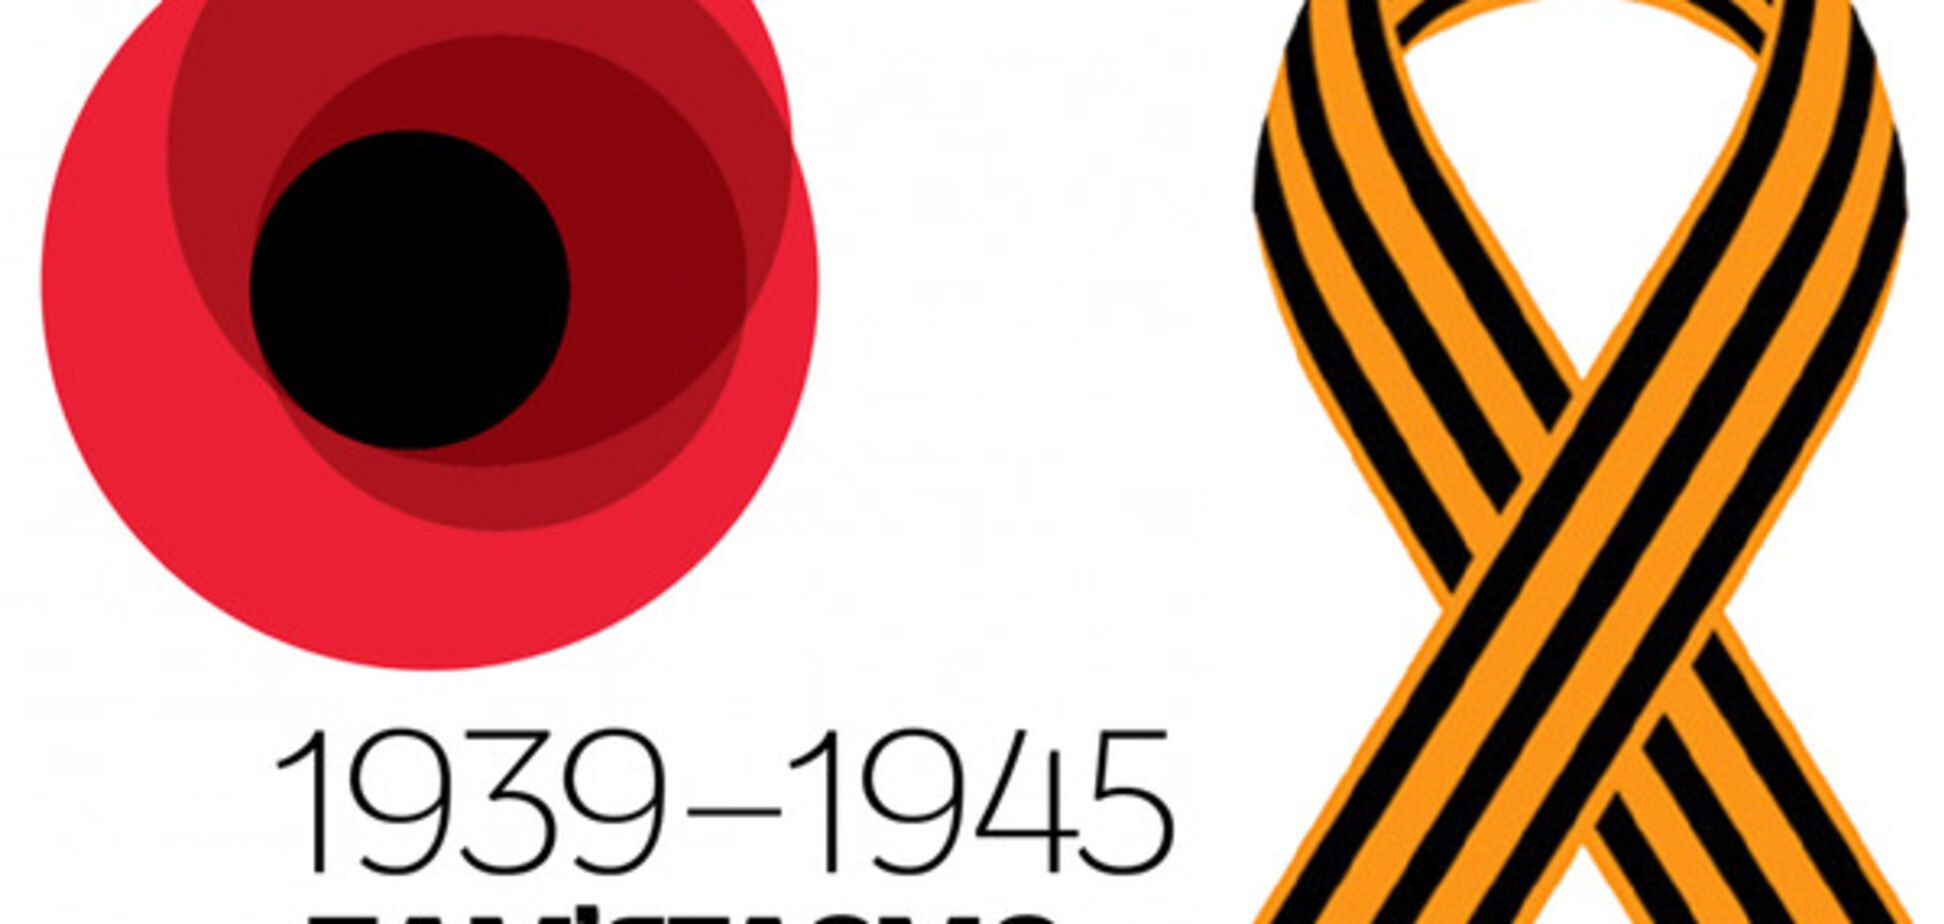 Червоний мак проти георгіївської стрічки: який символ переможе в Україні